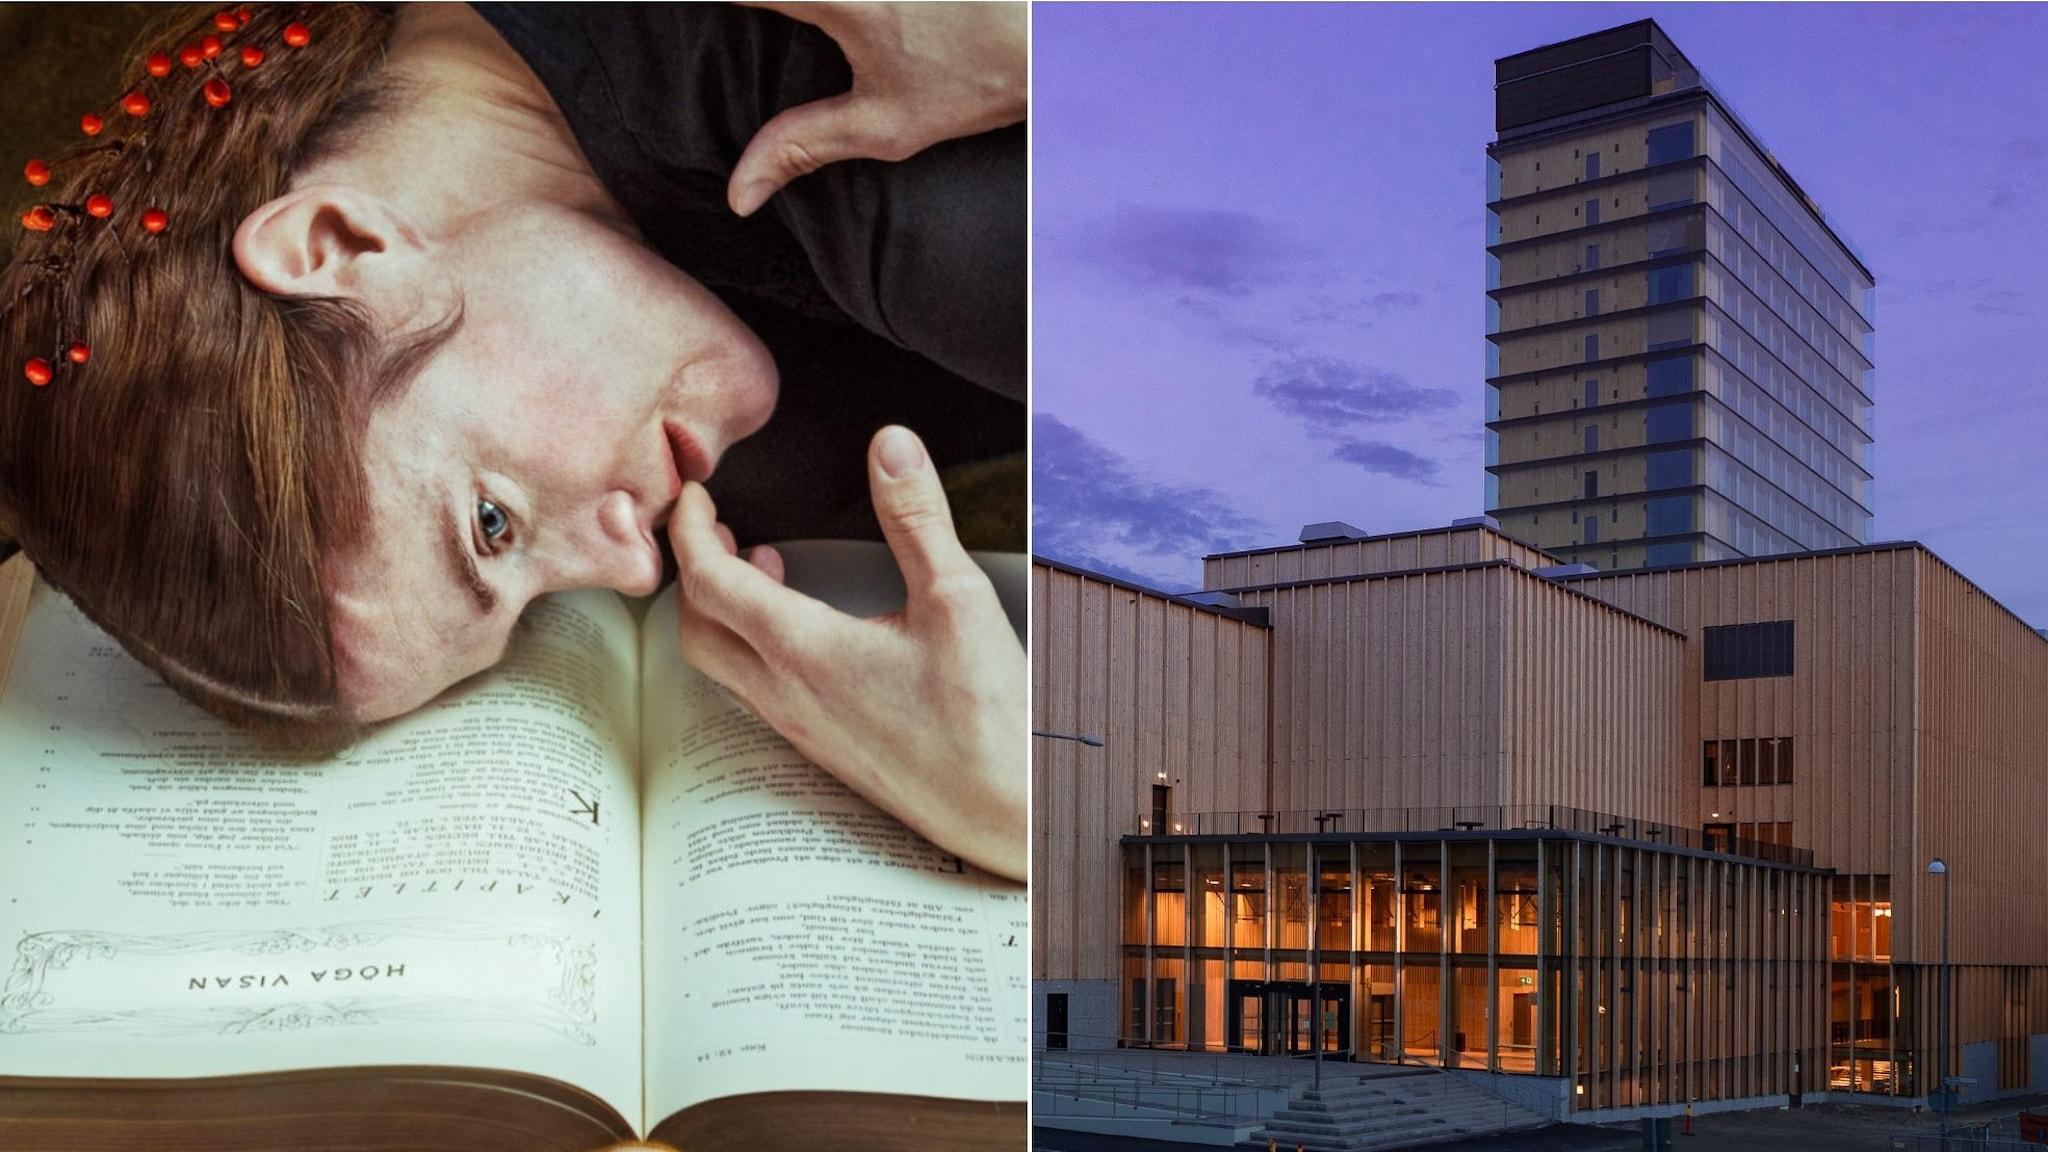 Föreställningen Lifsens rot bygger på Sara Lidmans roman med samma namn och den inviger kulturhuset Sara i Skellefteå.